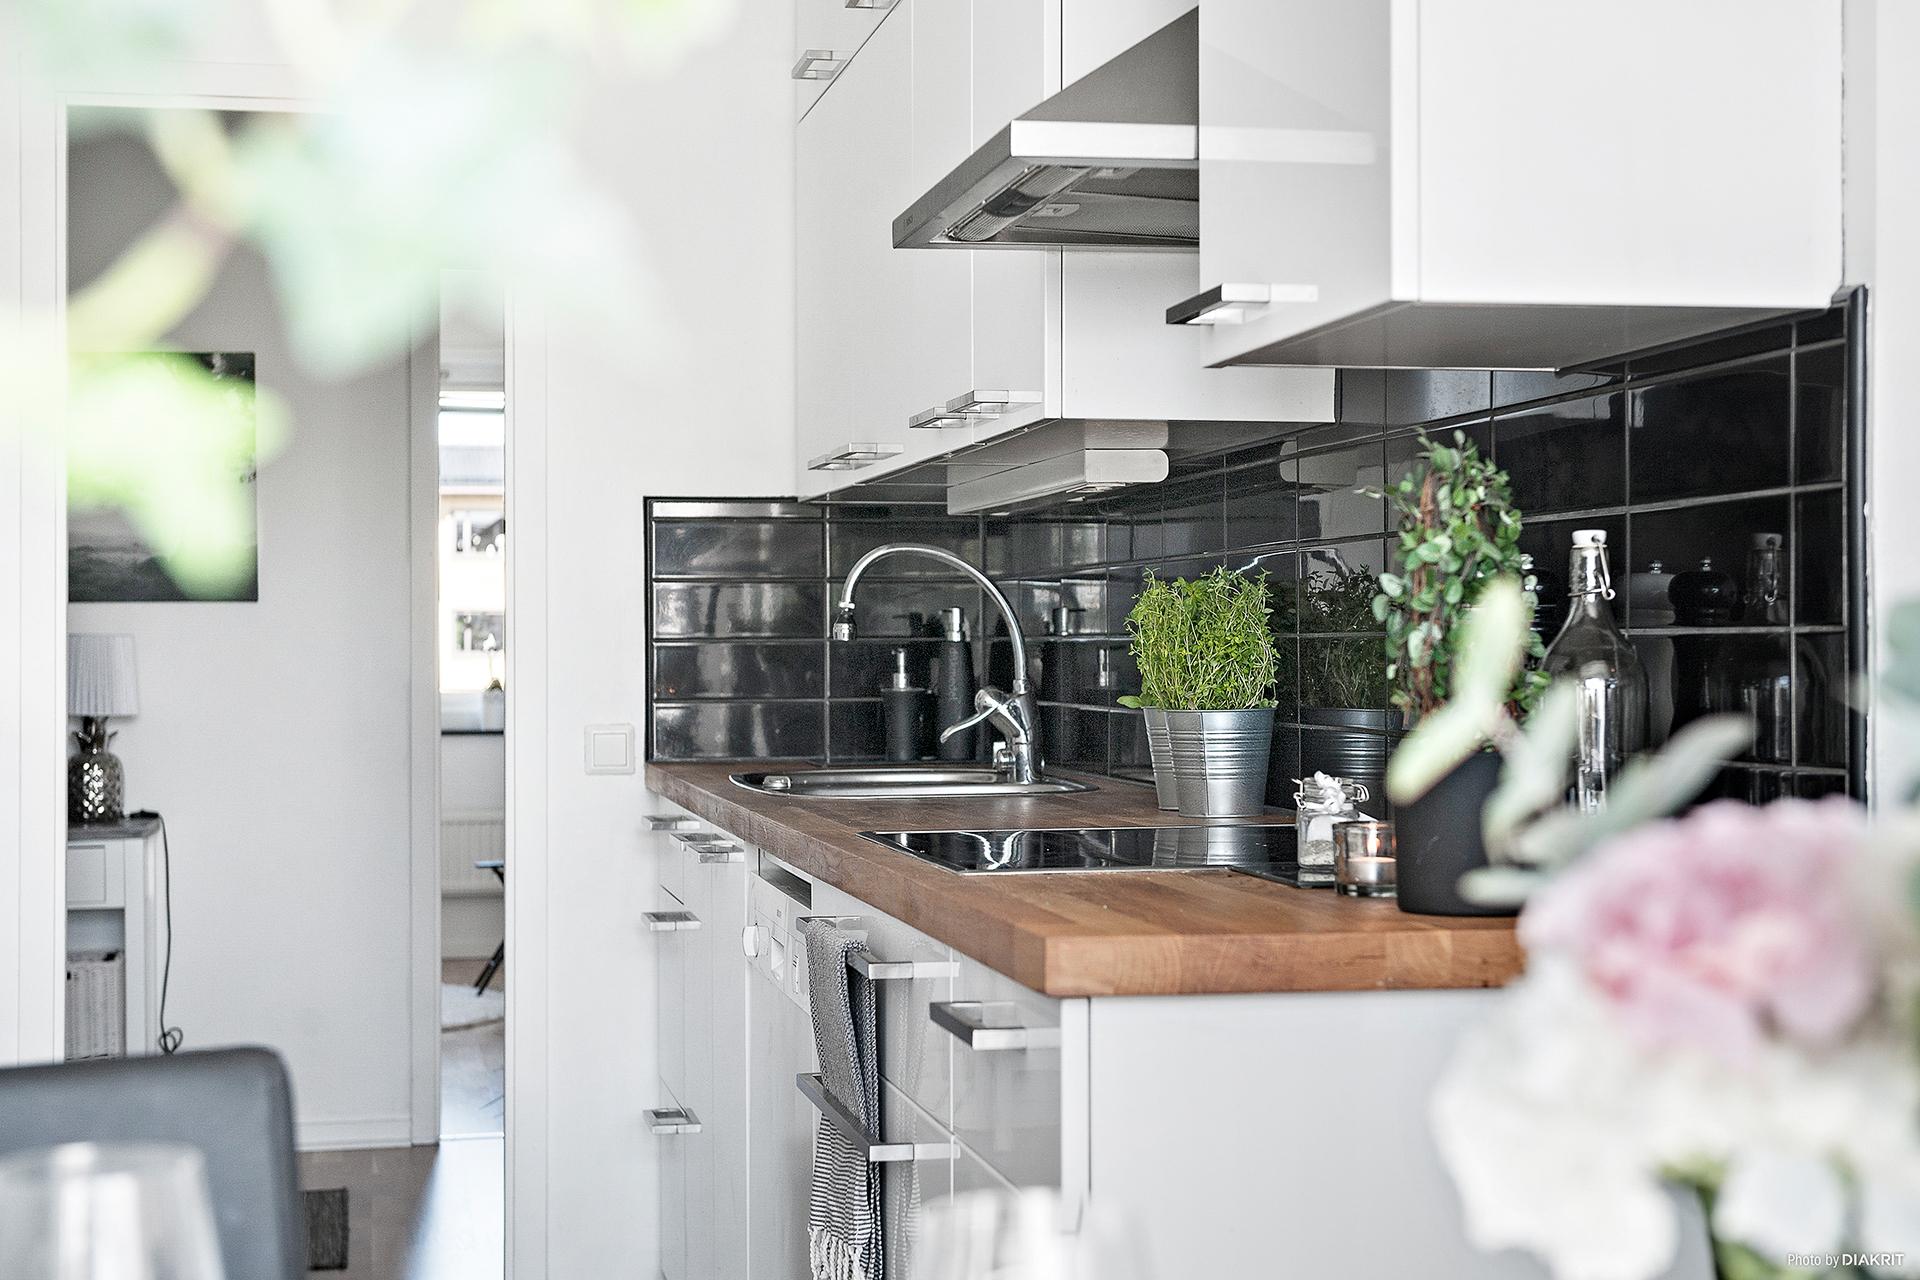 Snyggt kök med plats för matbord om 6-8 personer. Köket är utrustat med kyl och frys i fullhöjd, integrerad fläkt, diskmaskin, inbyggt mikro och läckra skåpsluckor.